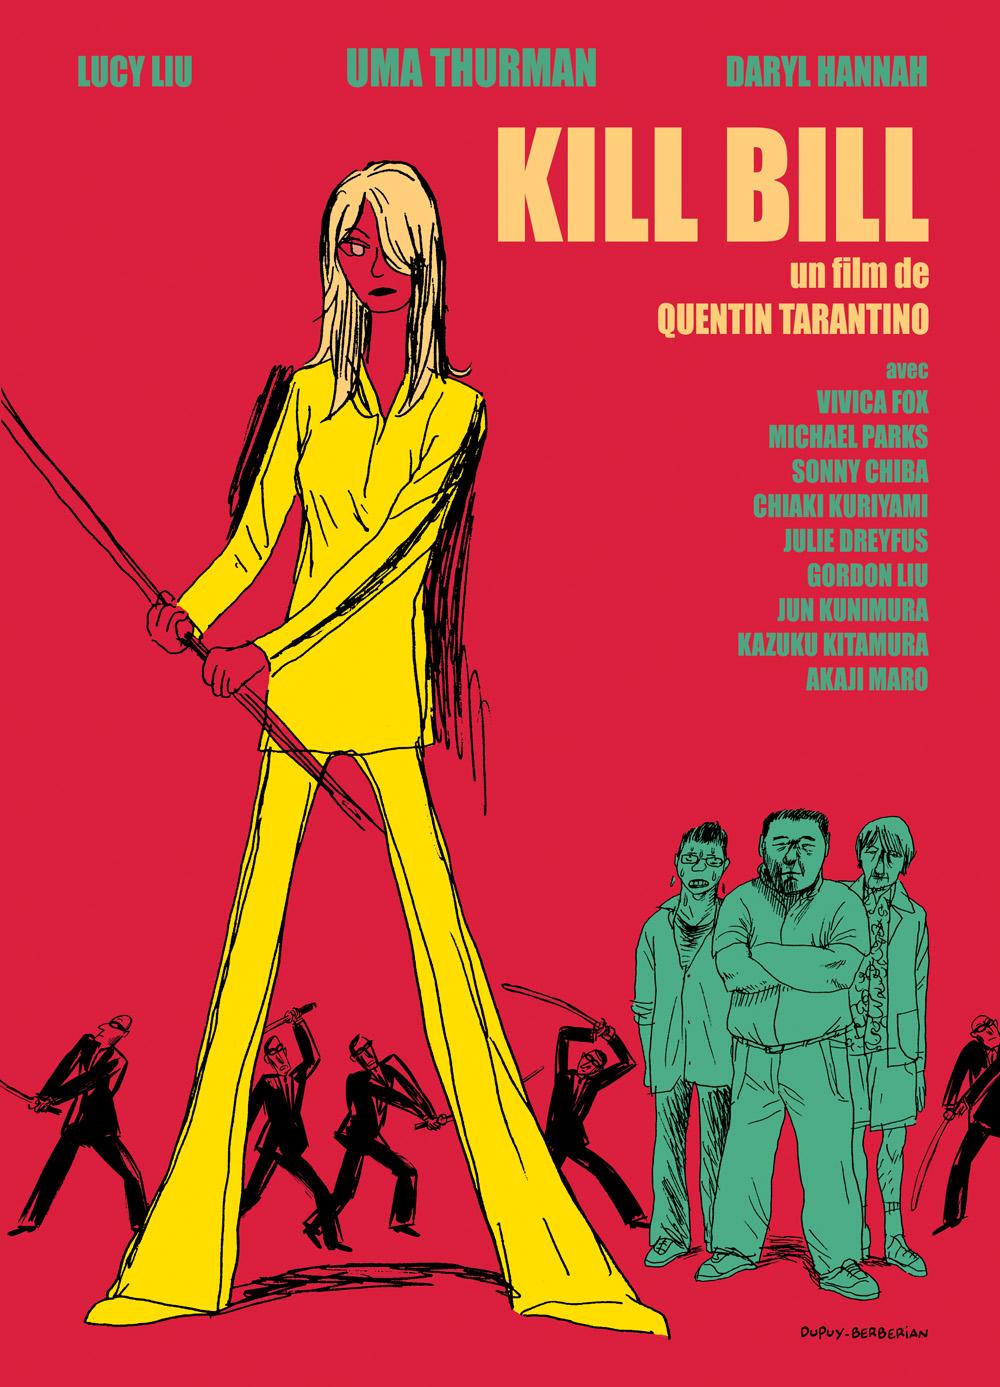 https://i2.wp.com/www.duber.net/images/cinema/hommage/Kill%20Bill.jpg